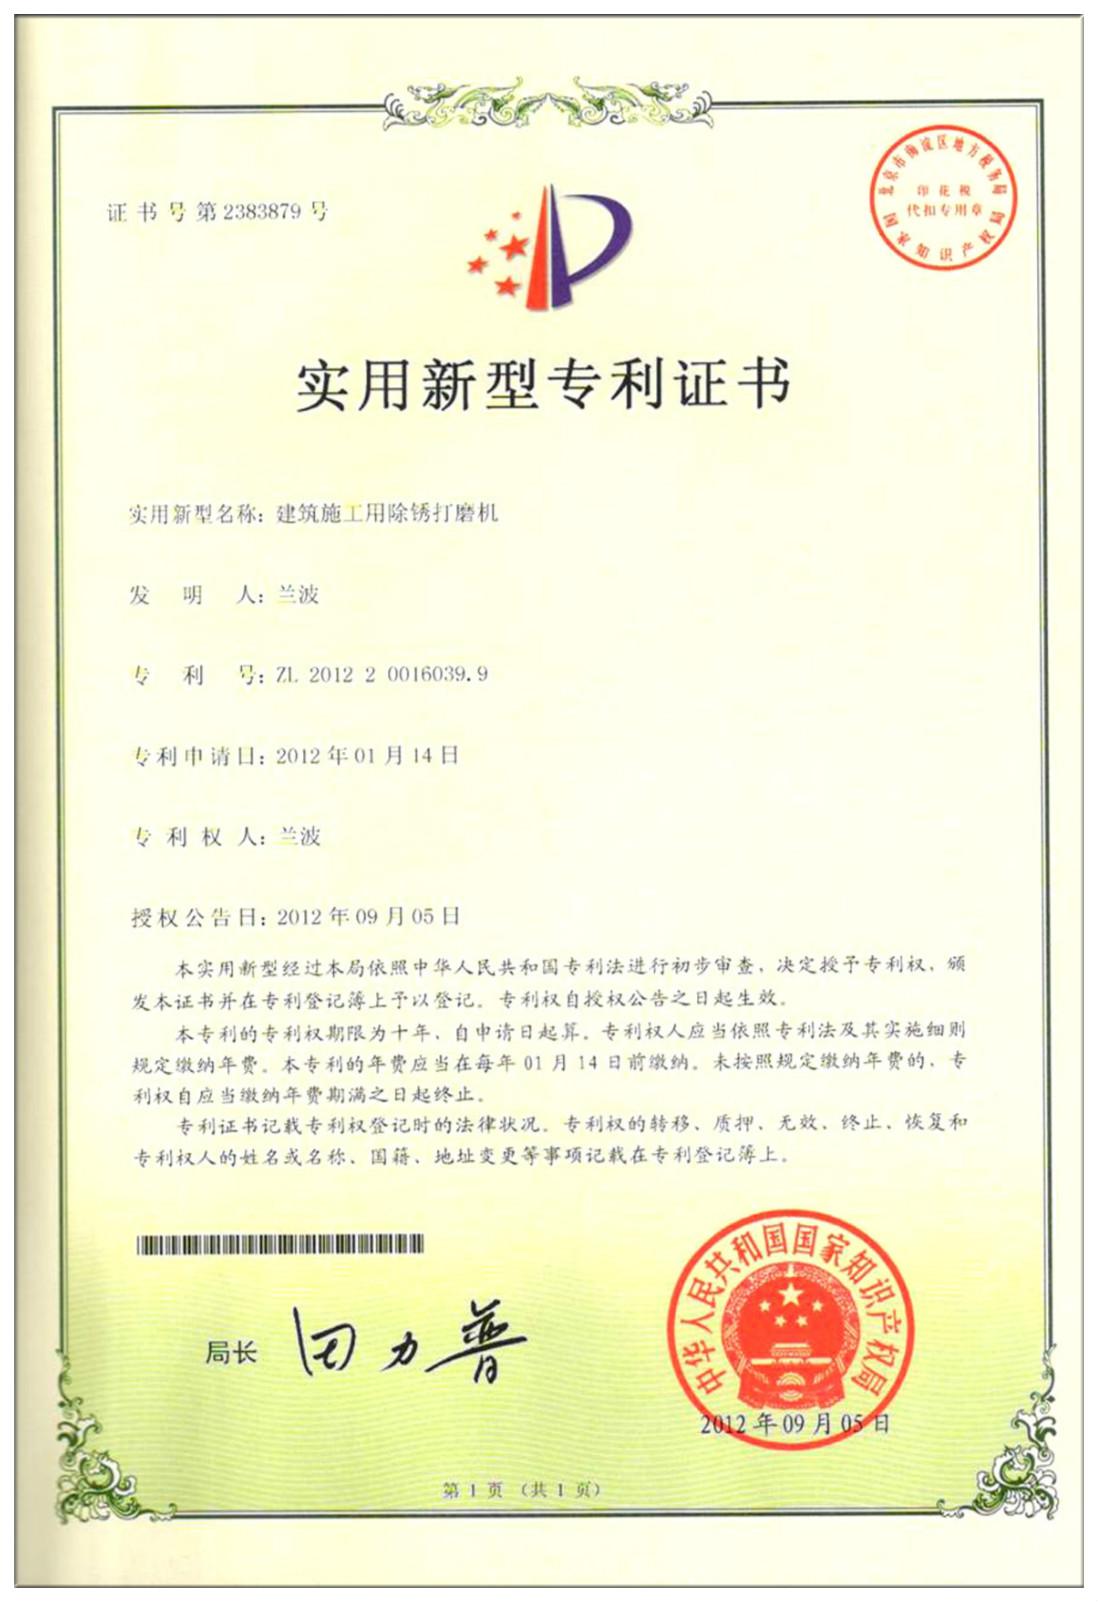 专利-建筑施工用除锈打磨机 国家